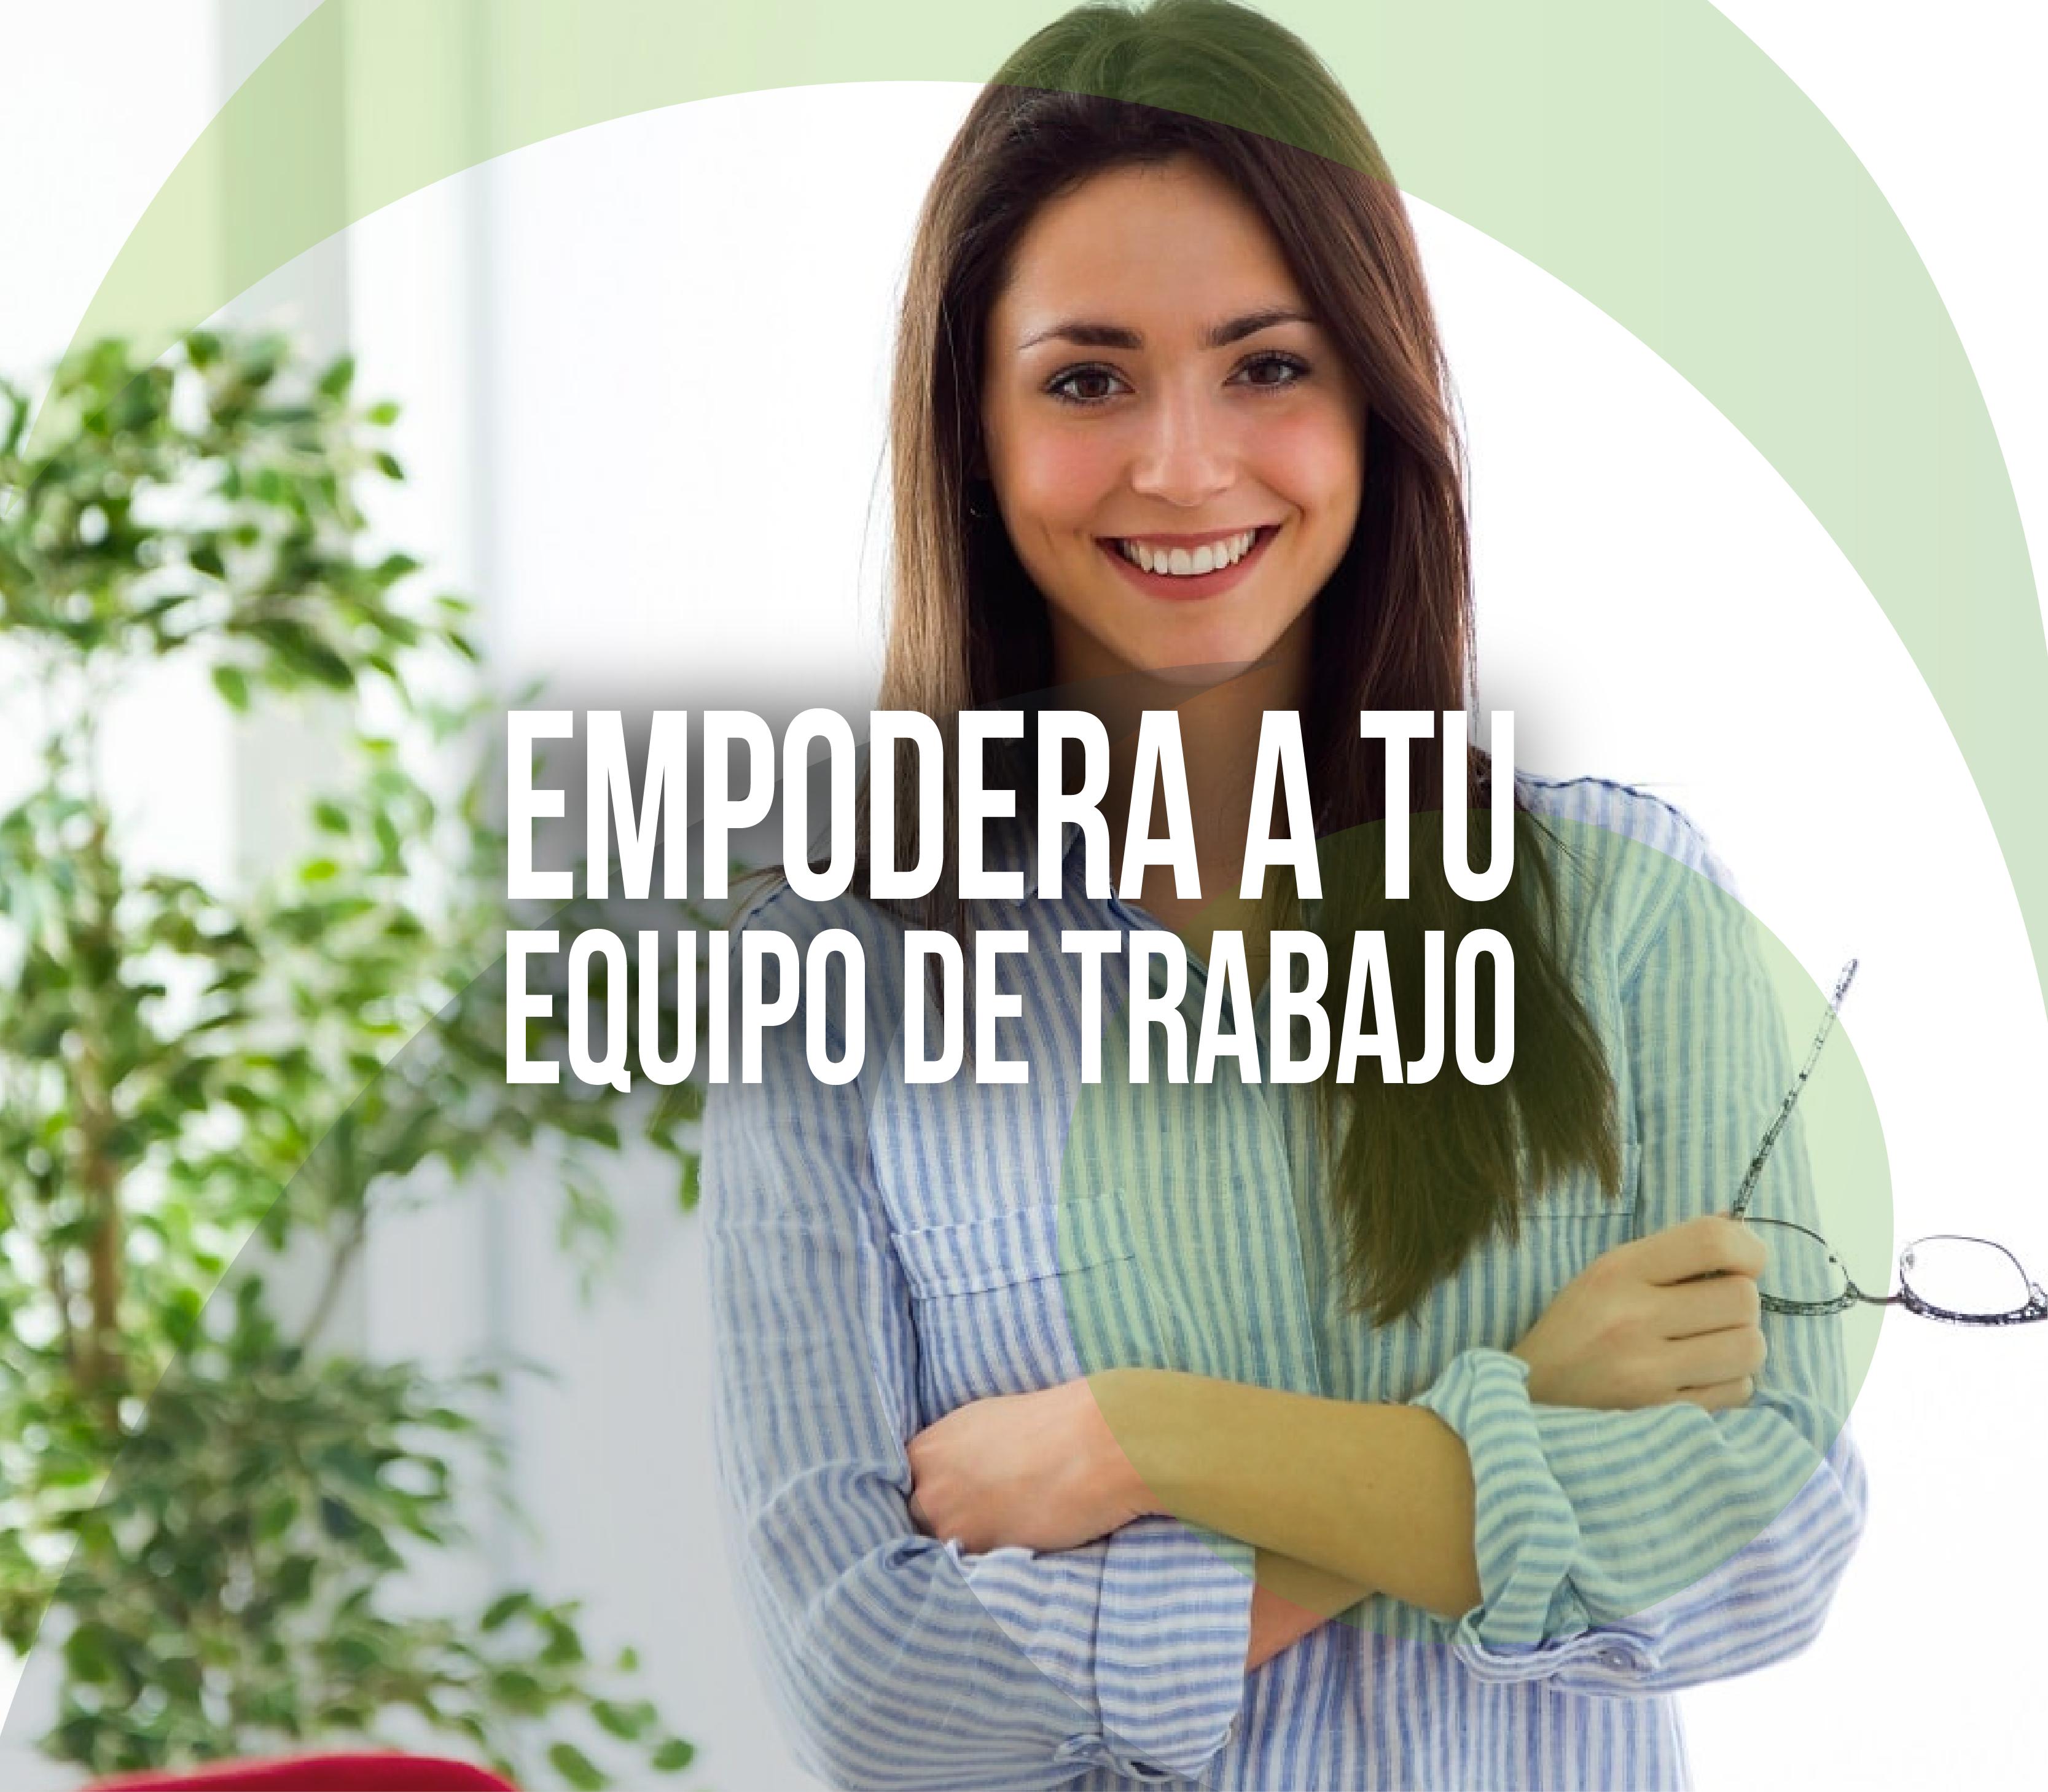 coaching-motivacion-liderazgo-cursos-capacitacion-empresas-ideasgroup-quito-ecuador